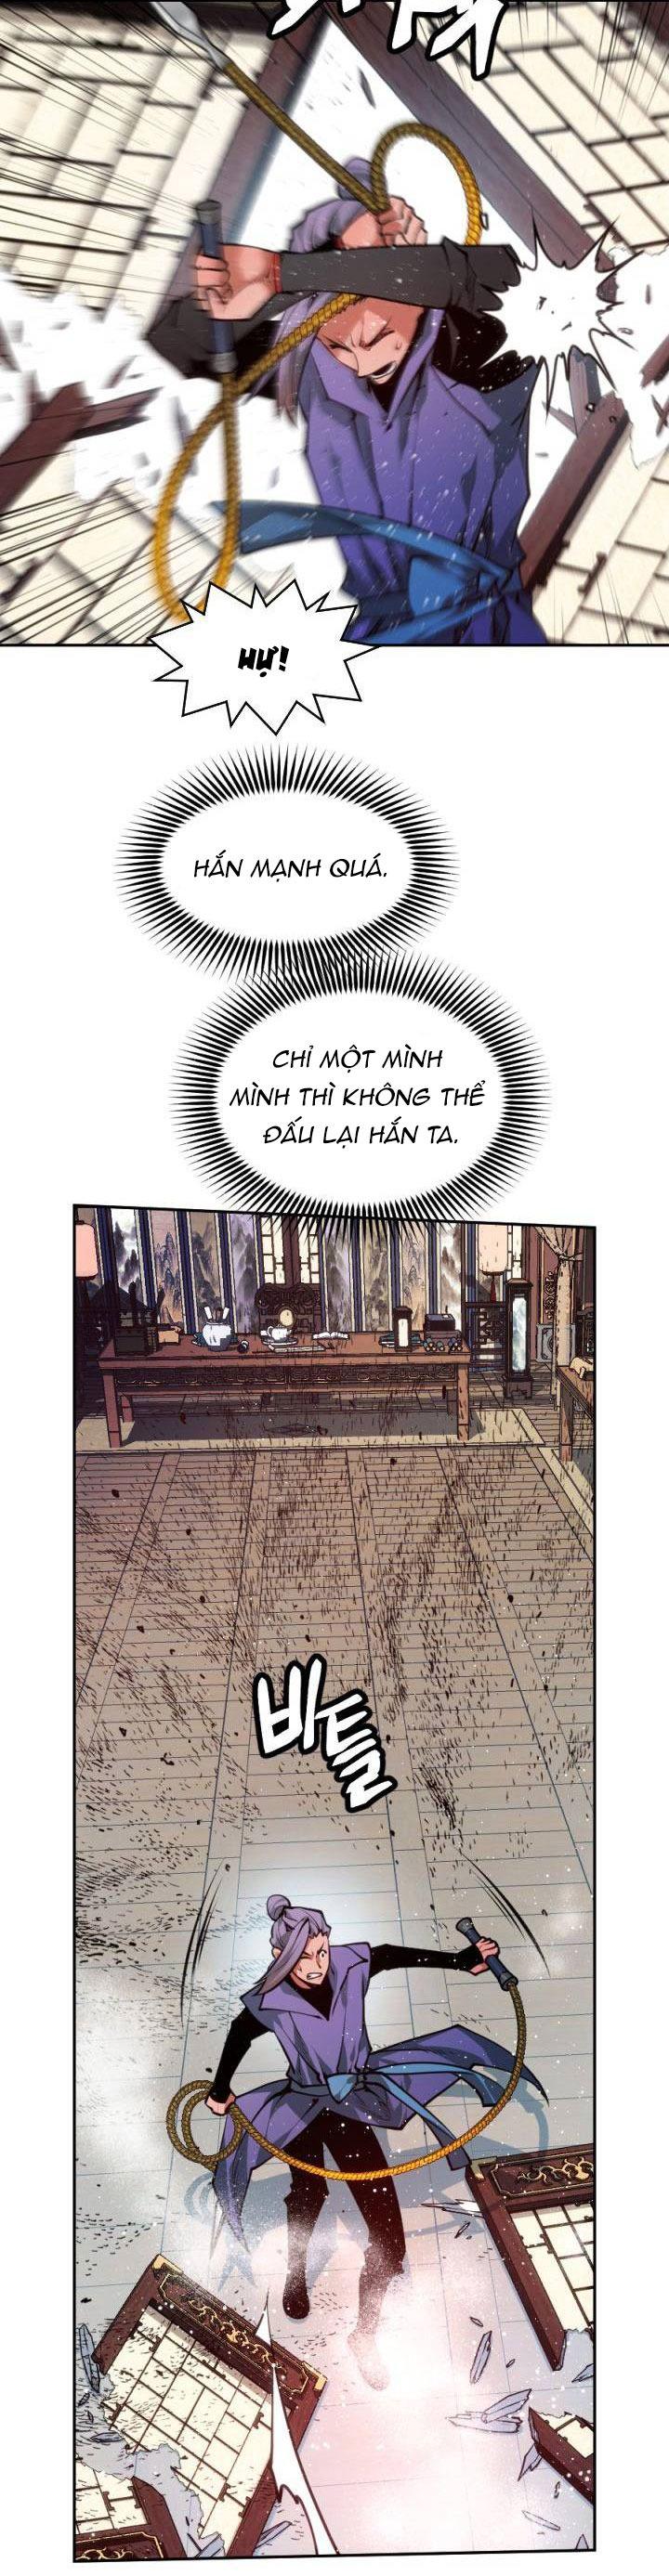 Đọc truyện [Truyenhot.vn] Thời đại hoàng kim - Chap 19